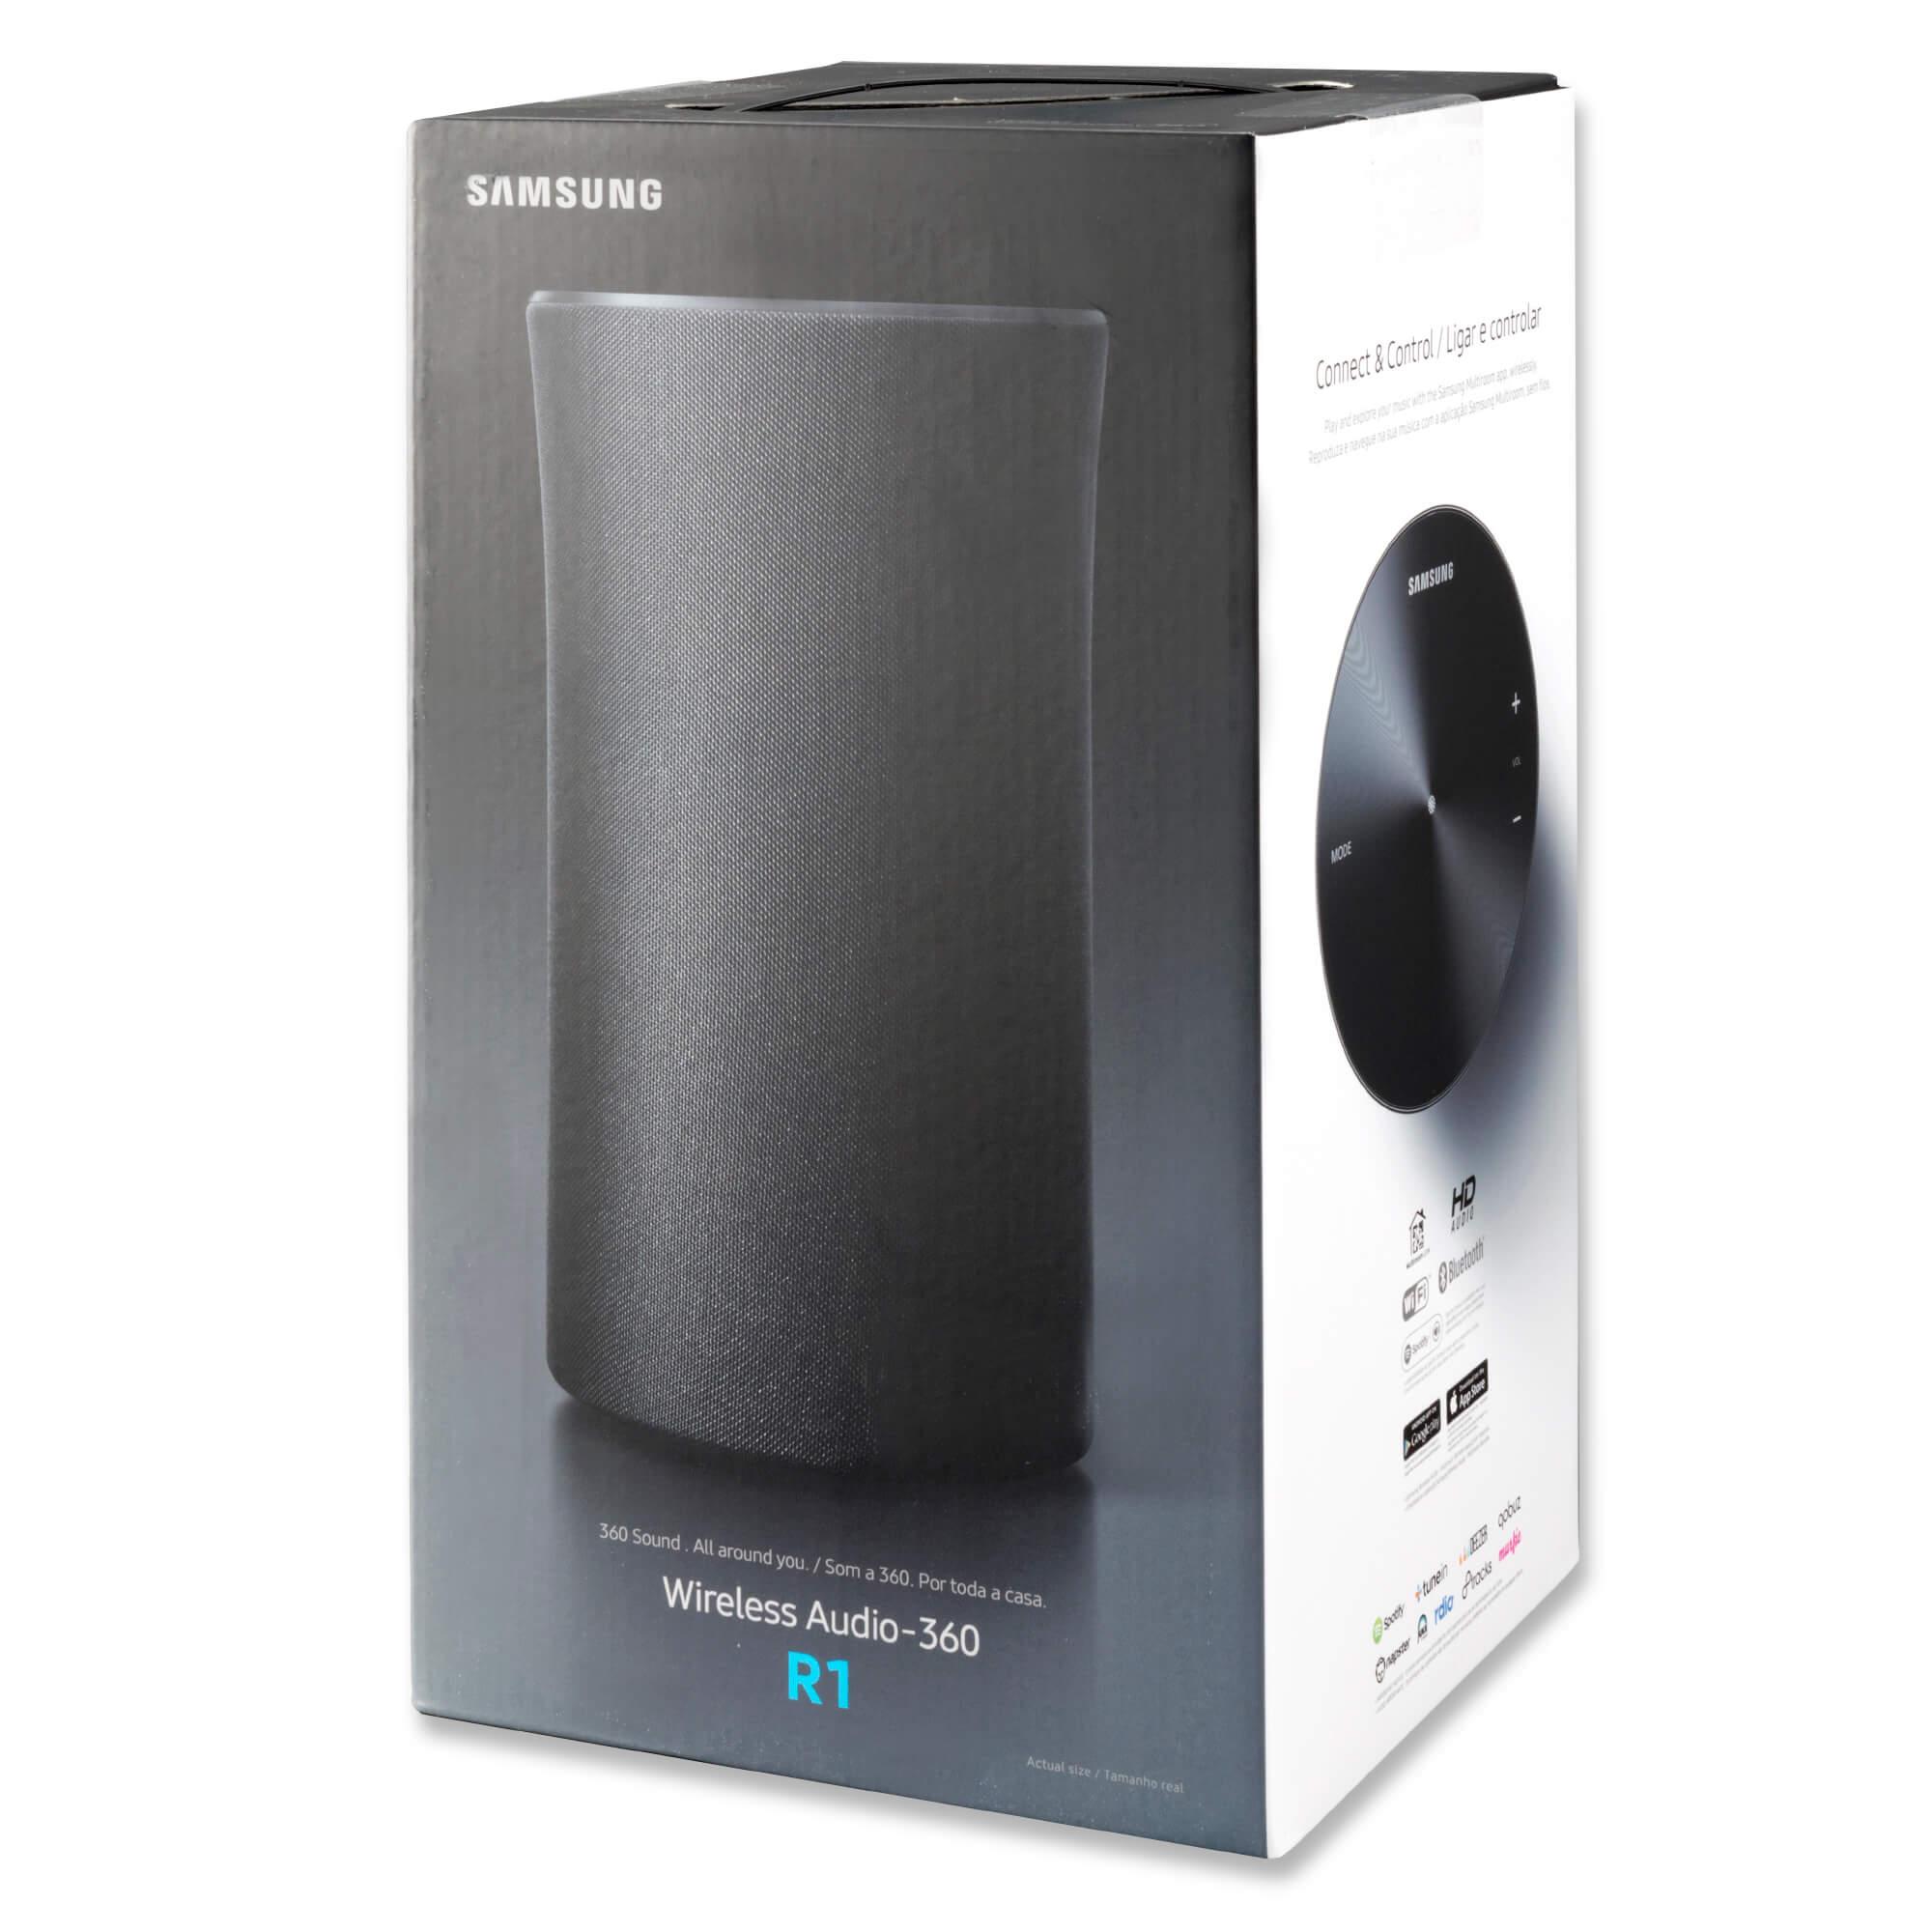 Samsung Wireless Audio 360 R1 Bluetooth Speaker